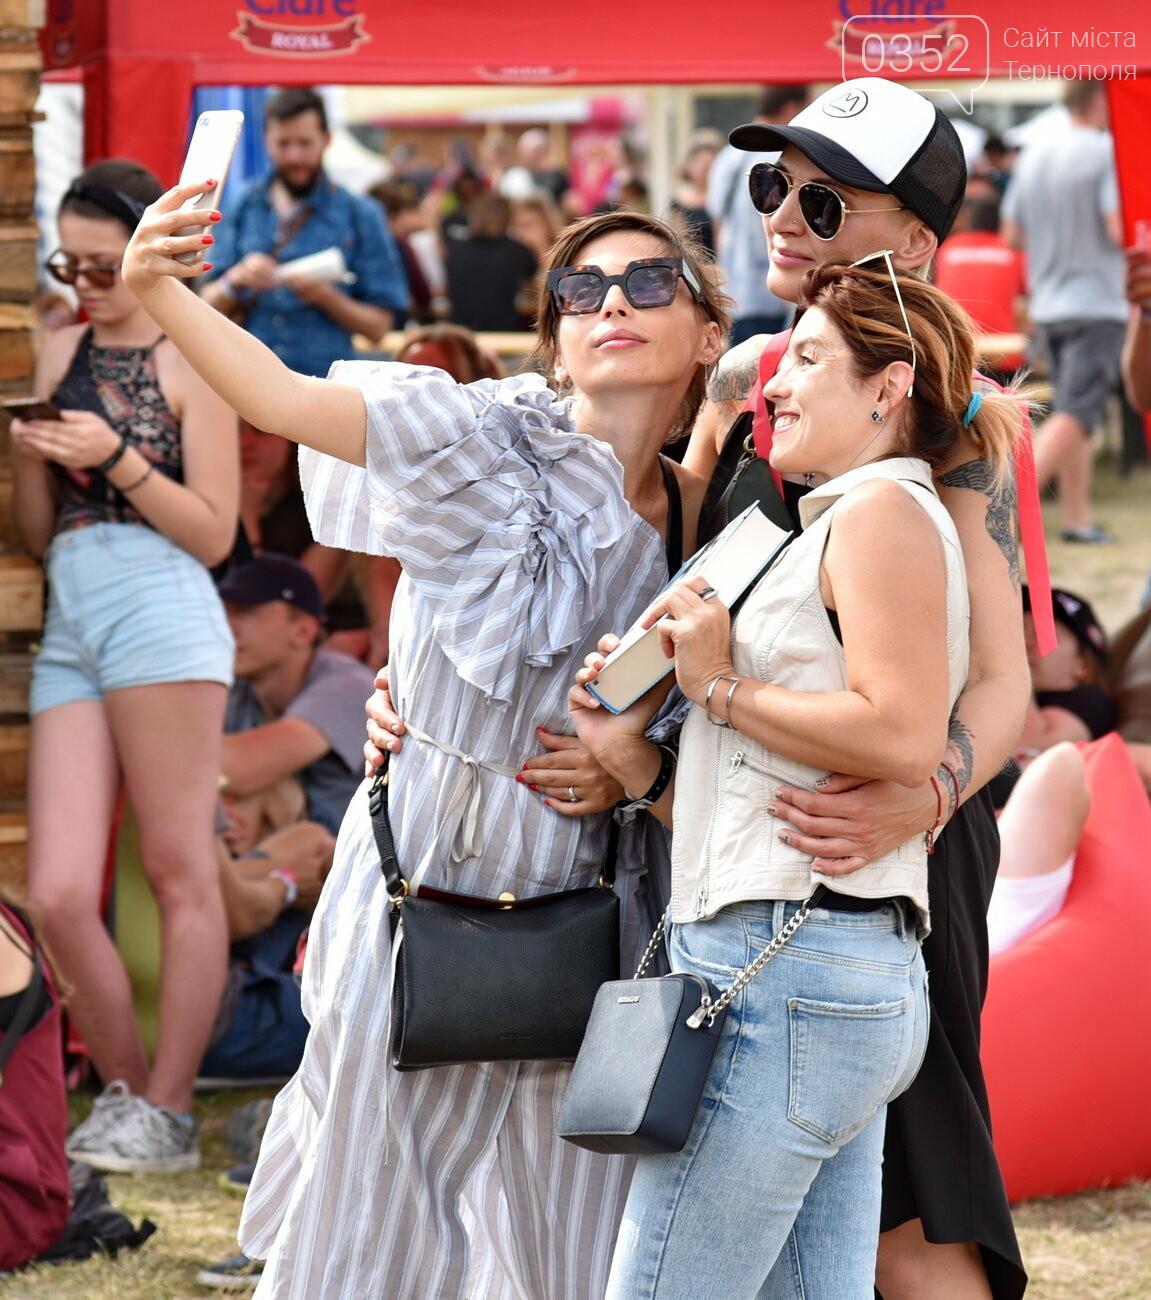 """Драйв і безтурботність: що робиться на фестивалі """"Файне місто"""" (масштабний фоторепортаж), фото-9"""